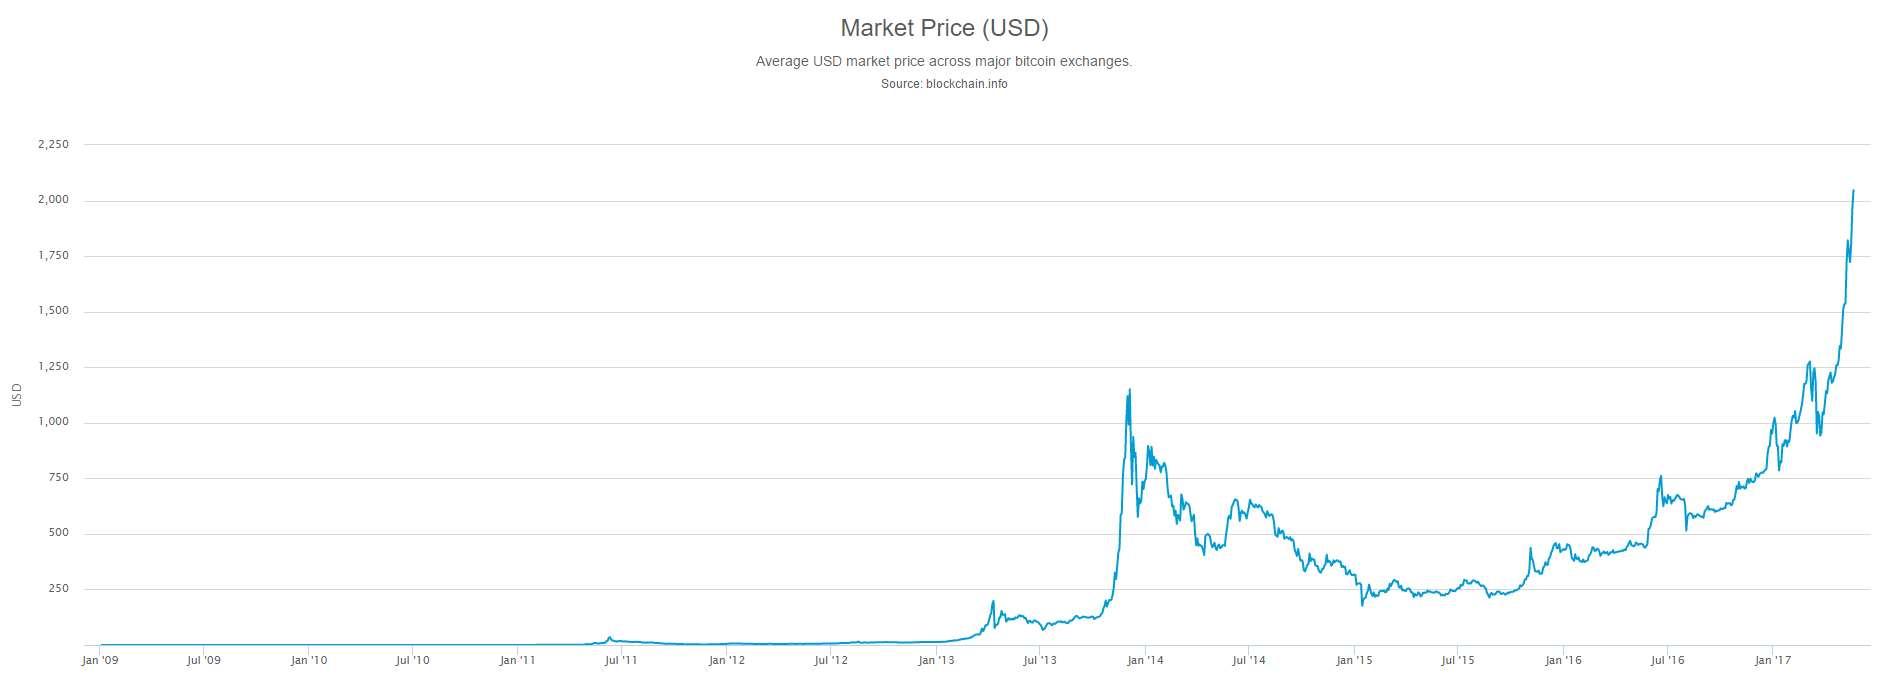 Bitcoins Valutakurs